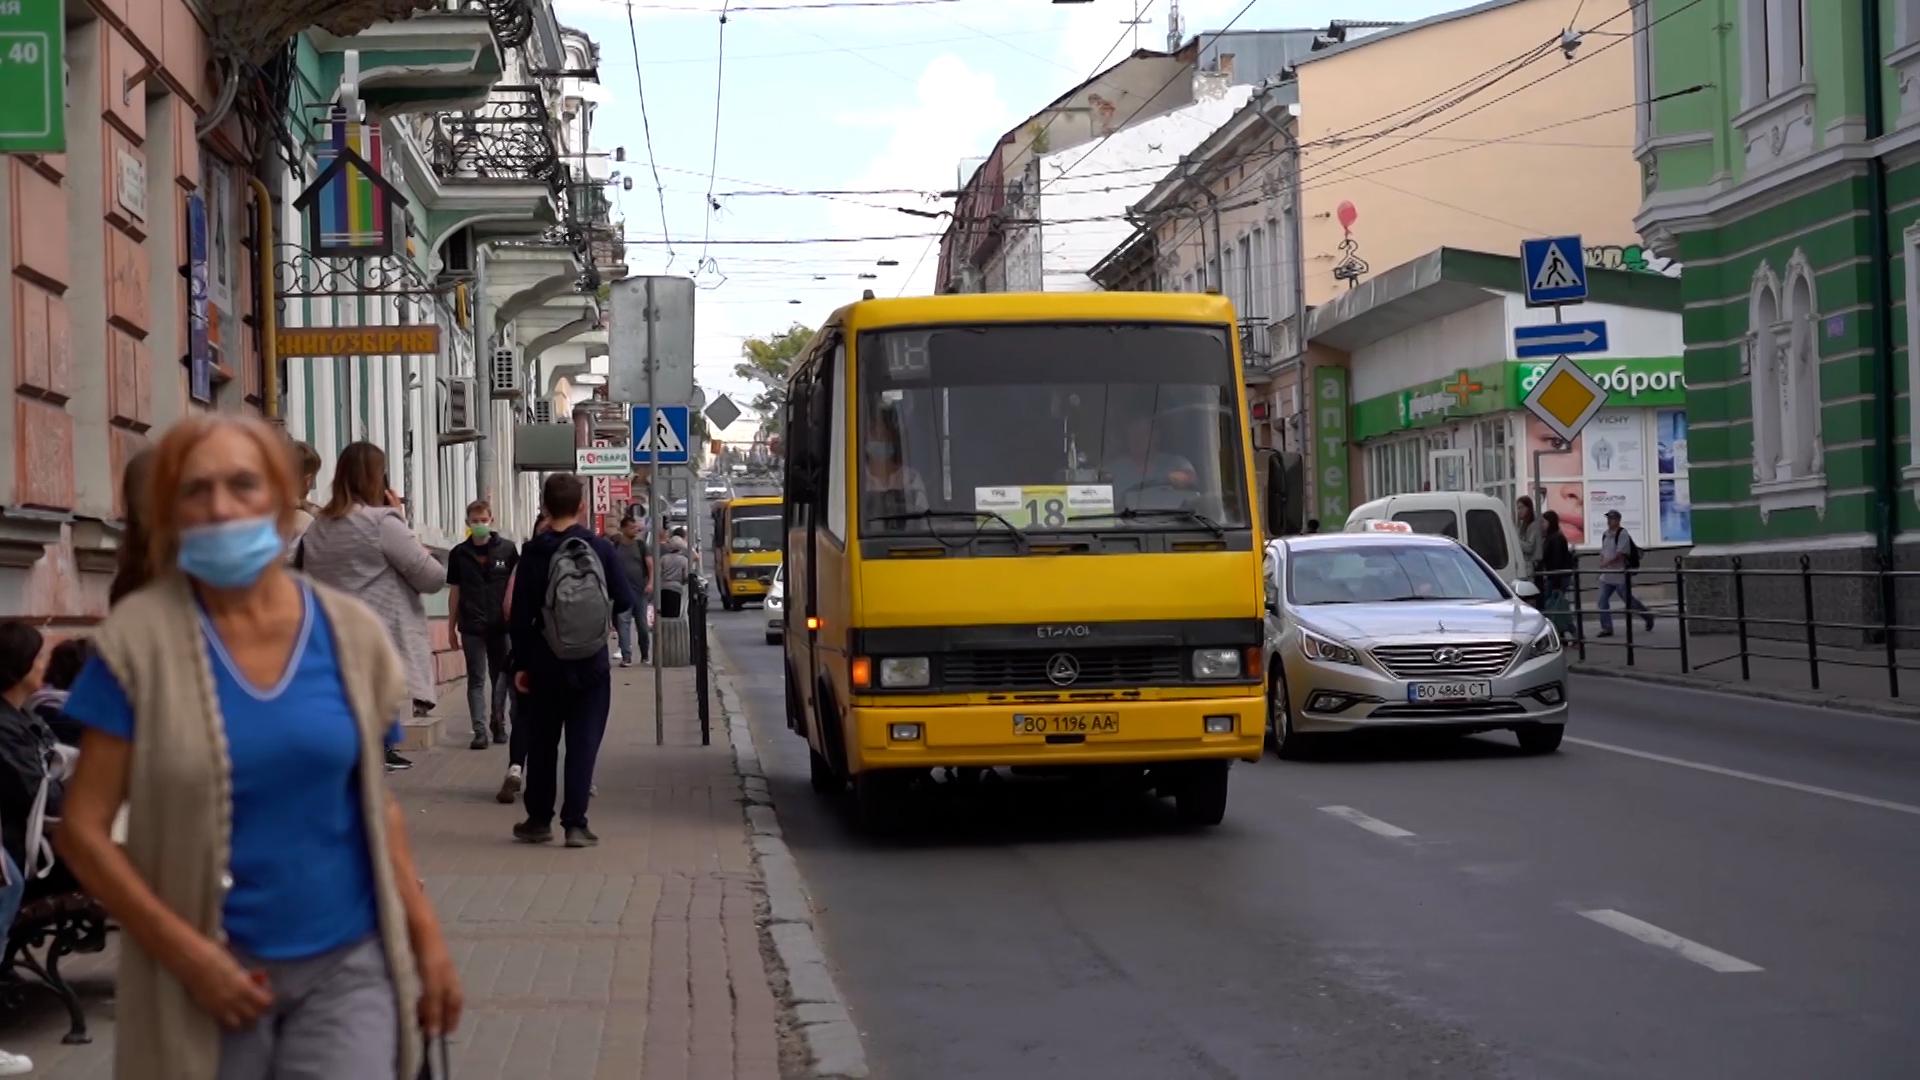 У громадському транспорті Тернополя планують запровадити єдиний квиток